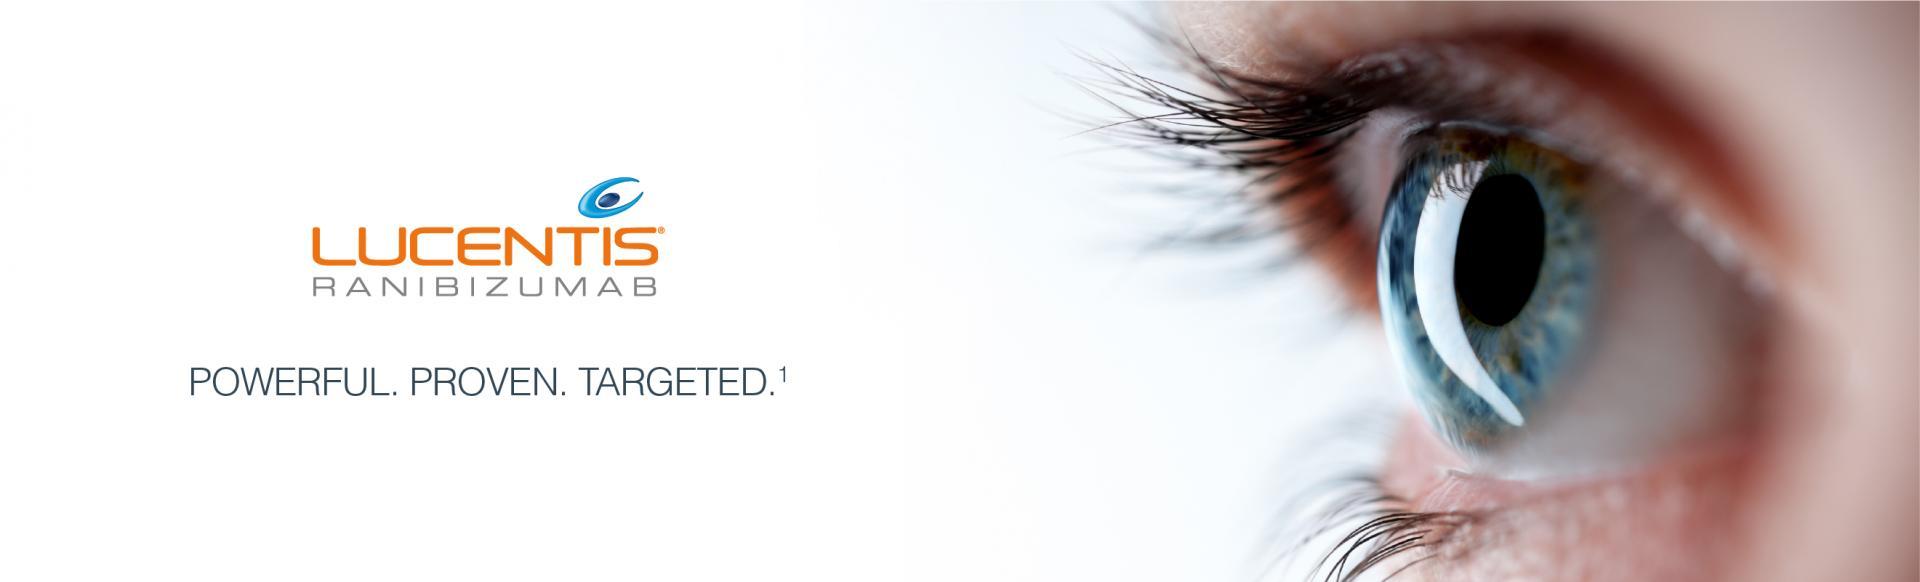 Close-up image of eye